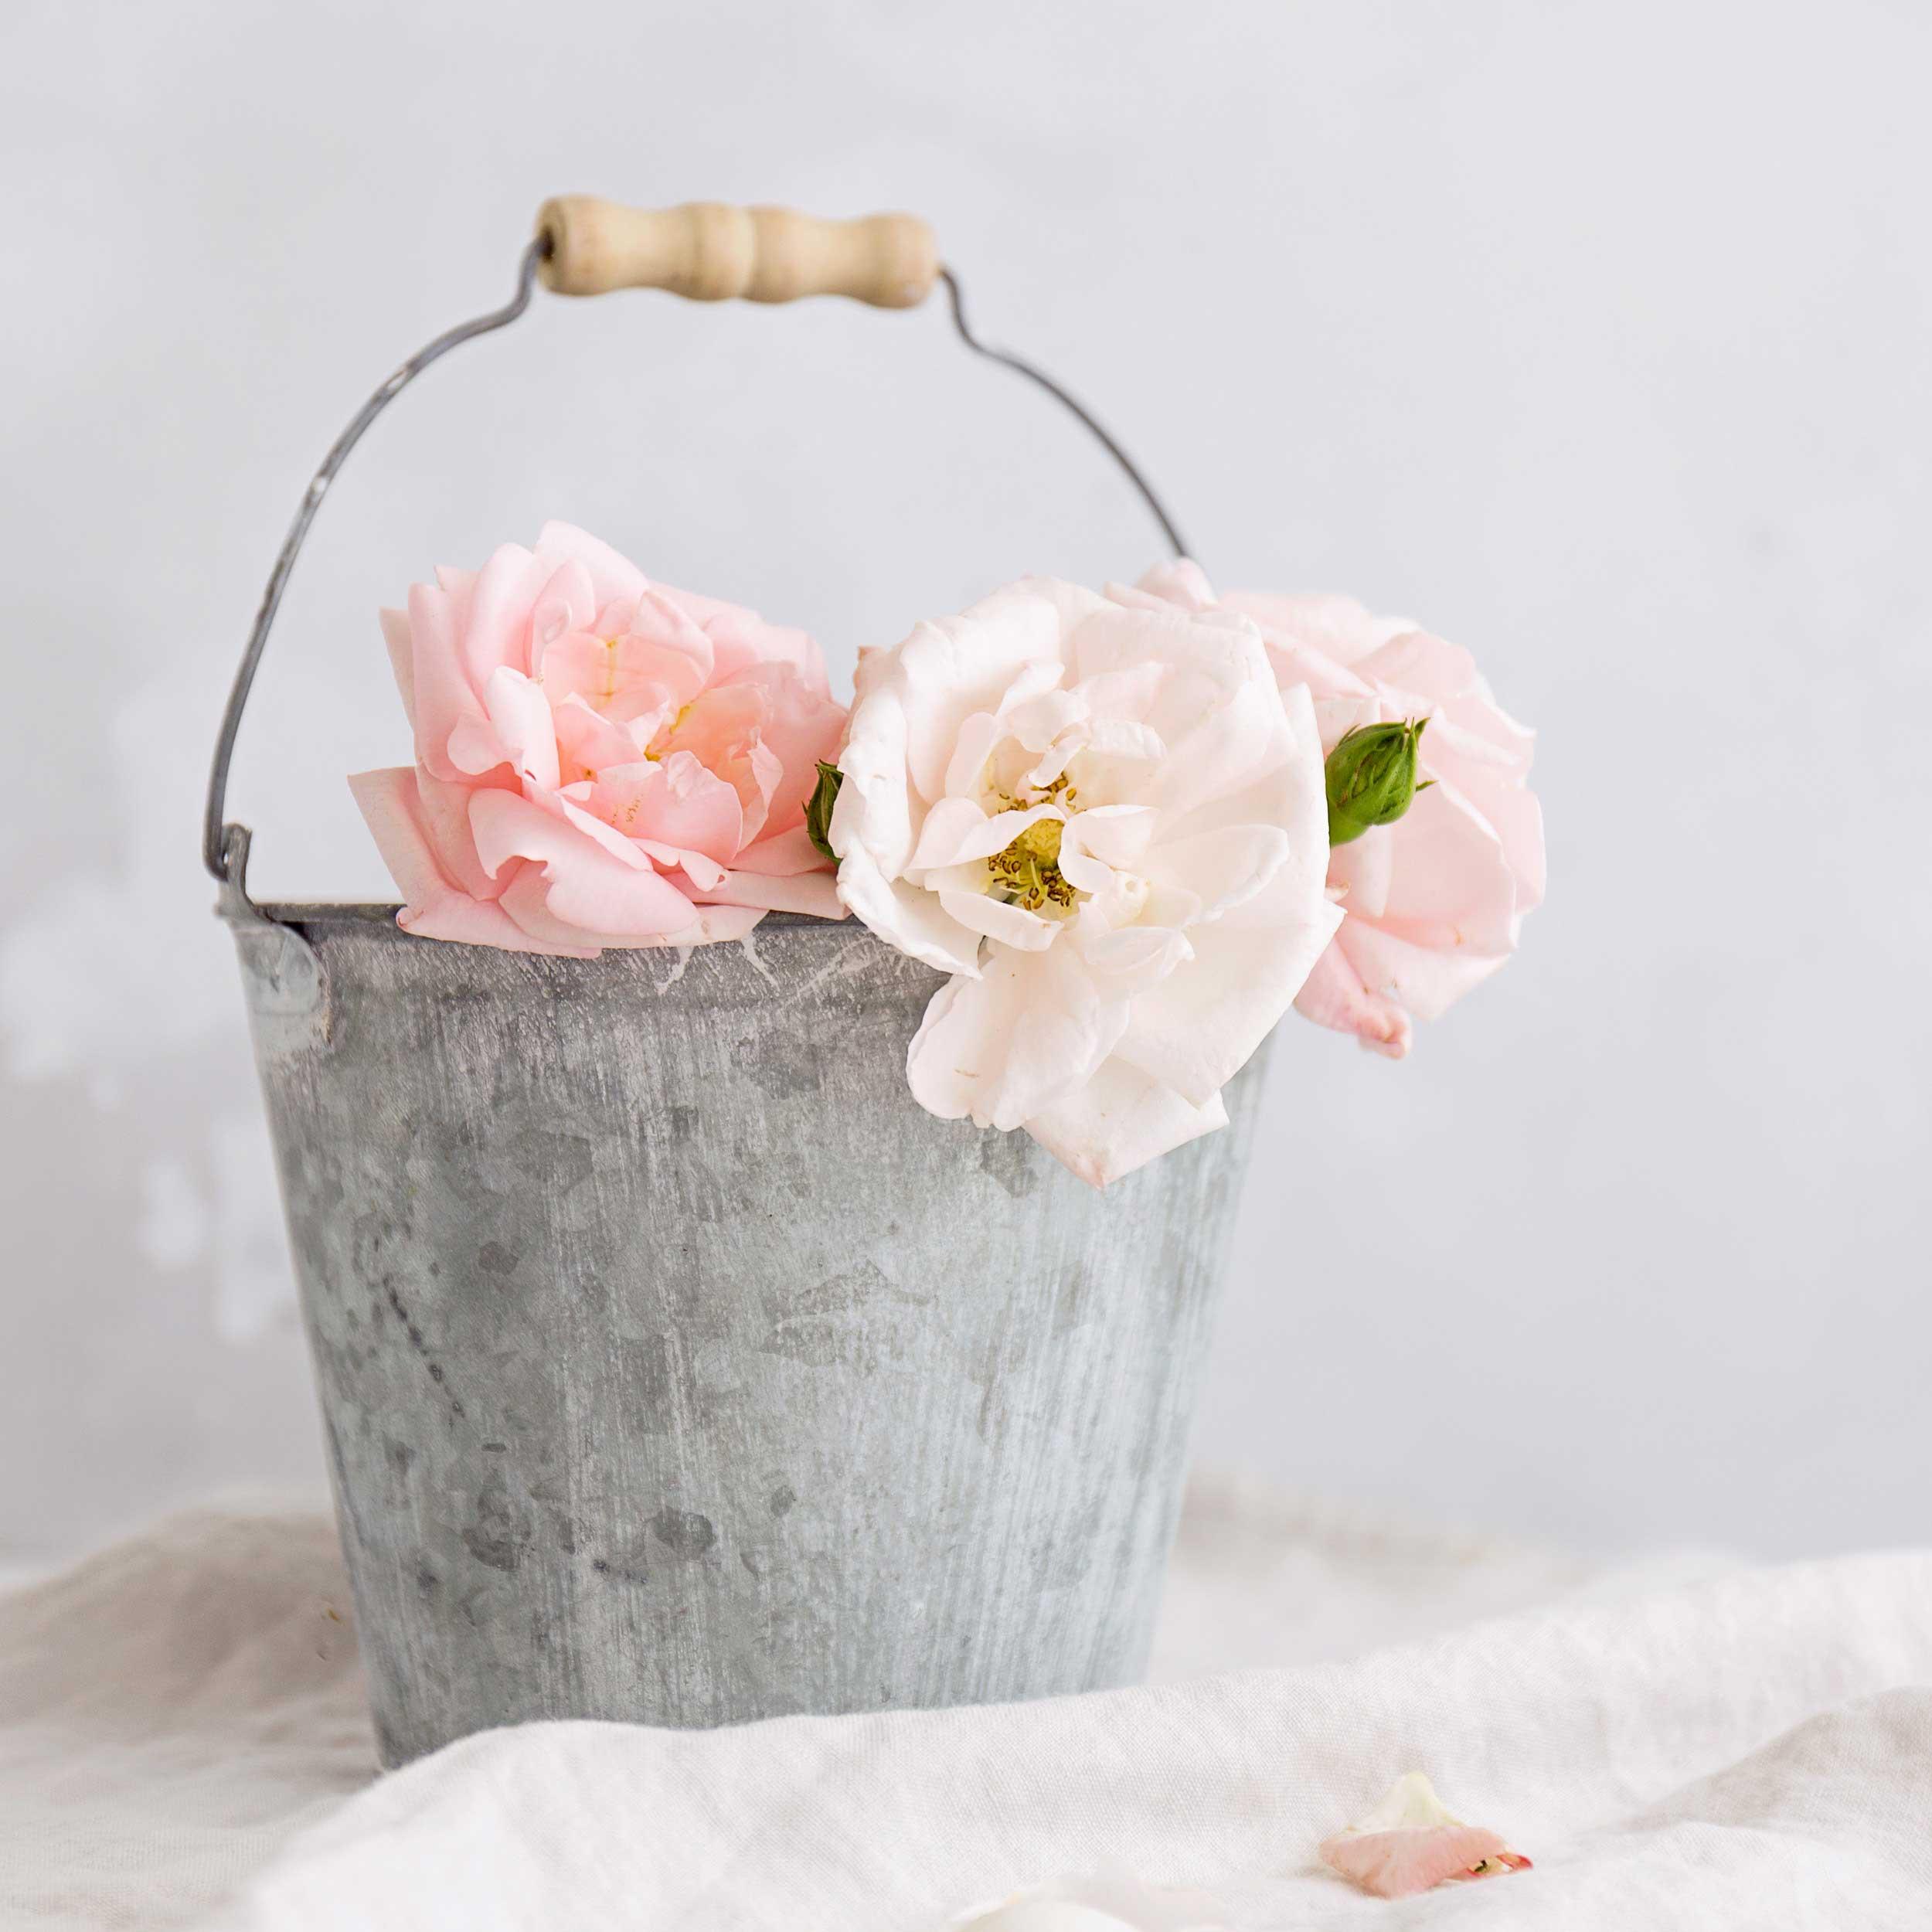 Rosesinatinbucket.jpg